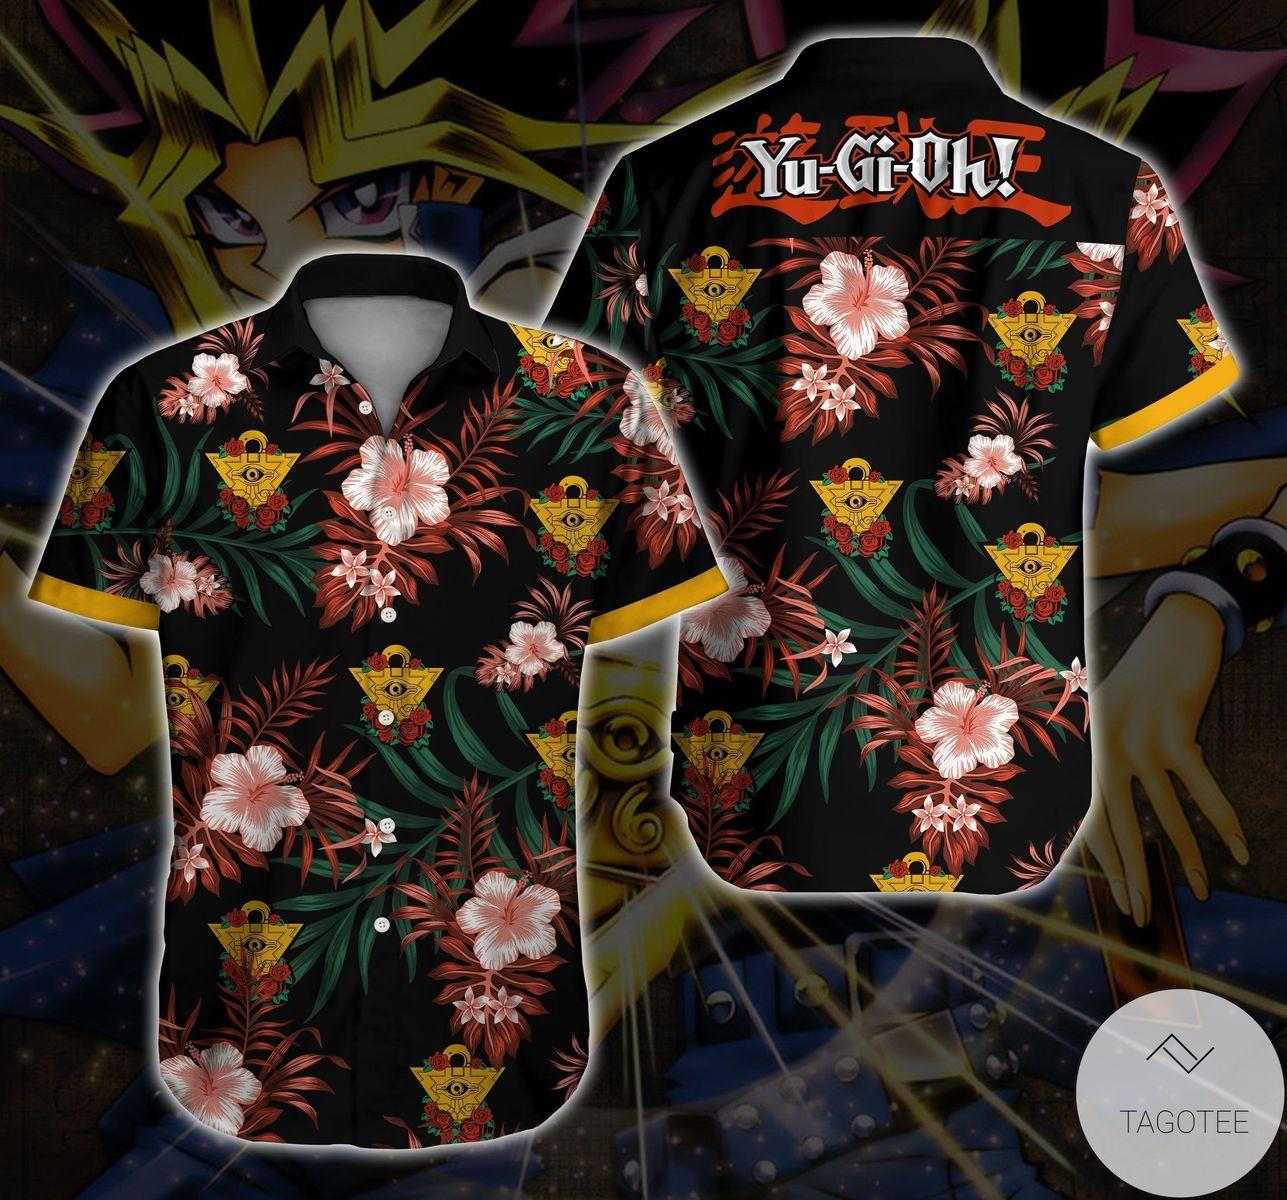 Yugi Yugioh! Hawaiian Shirt